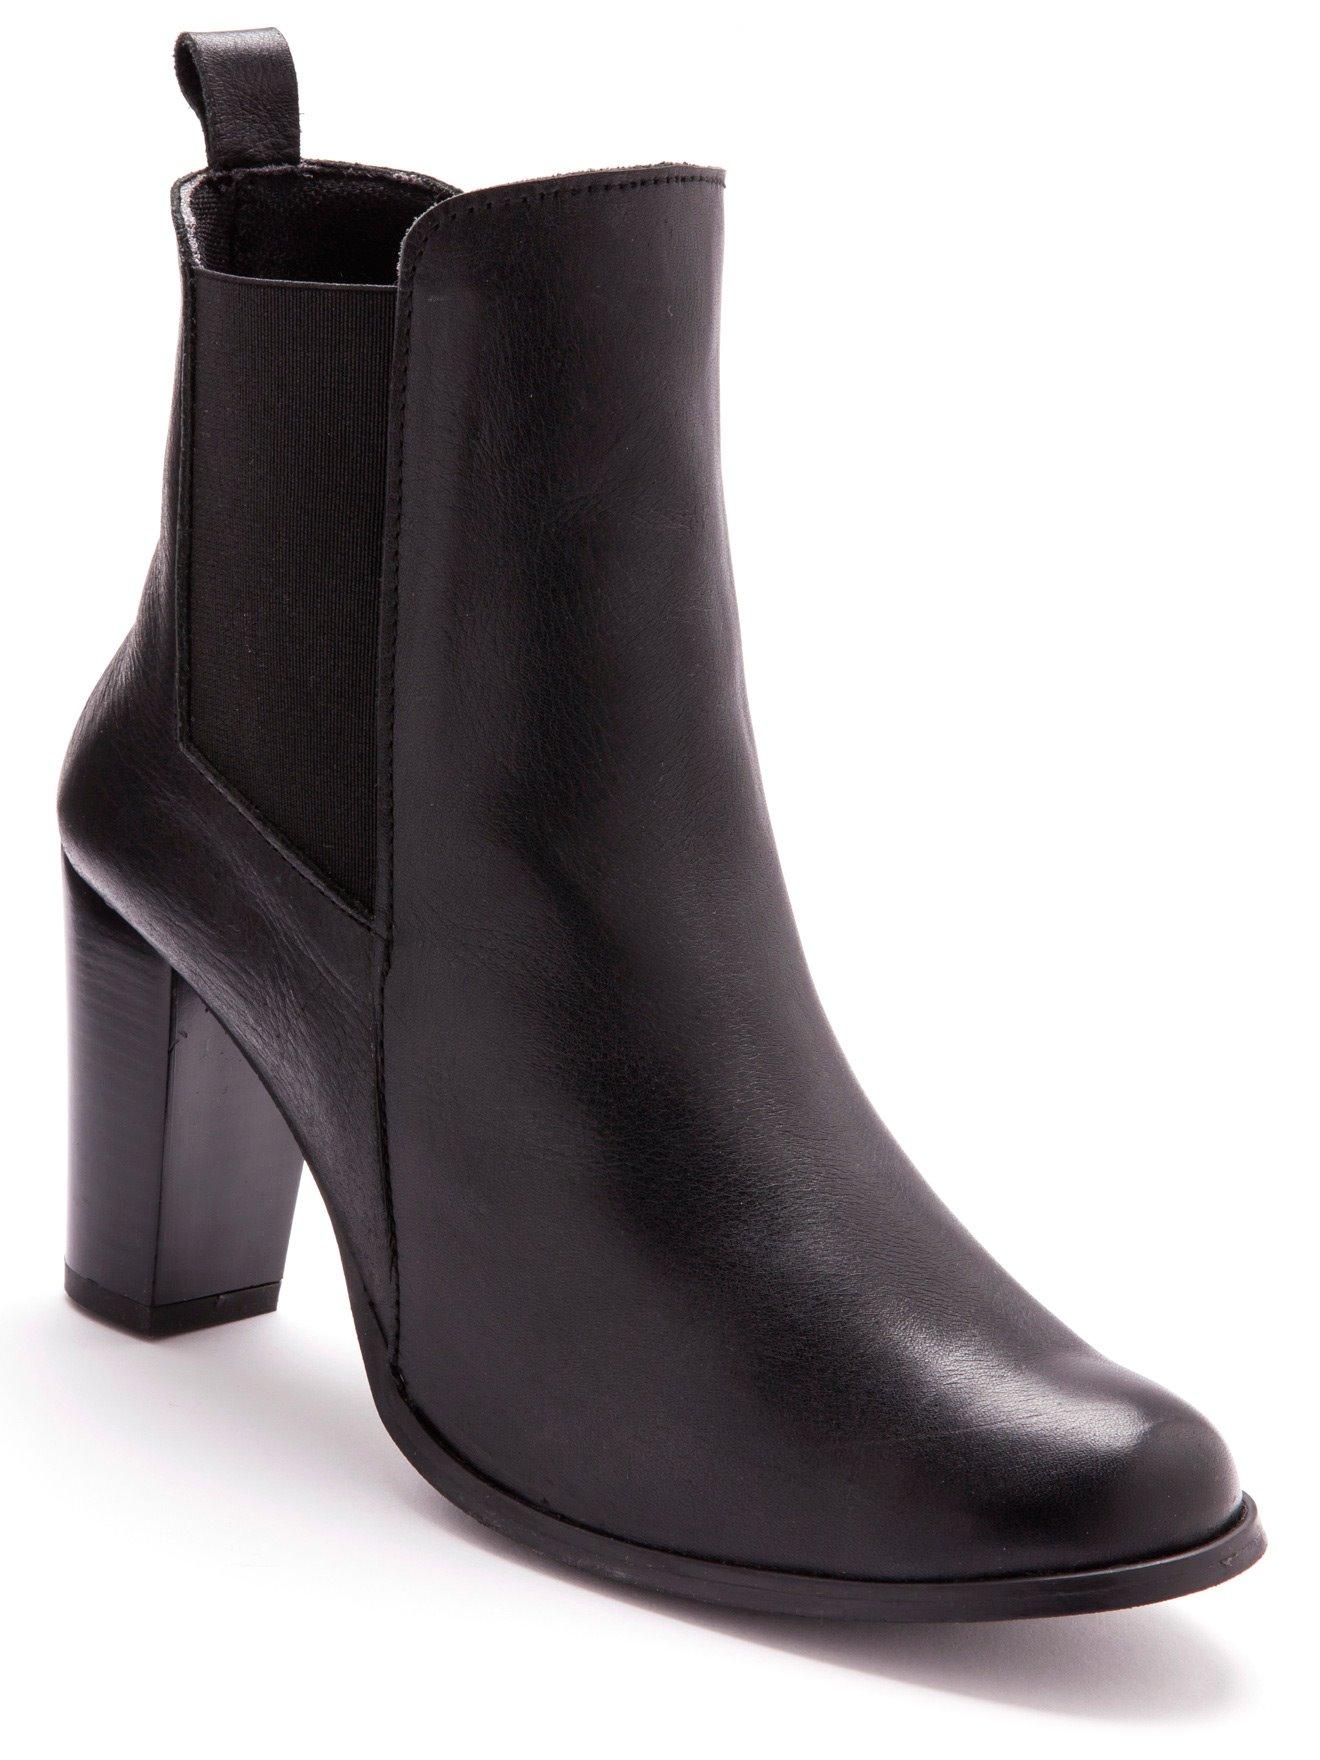 site réputé dd077 1f8b9 Boots avec élastiques, talon 7 cm - Daxon